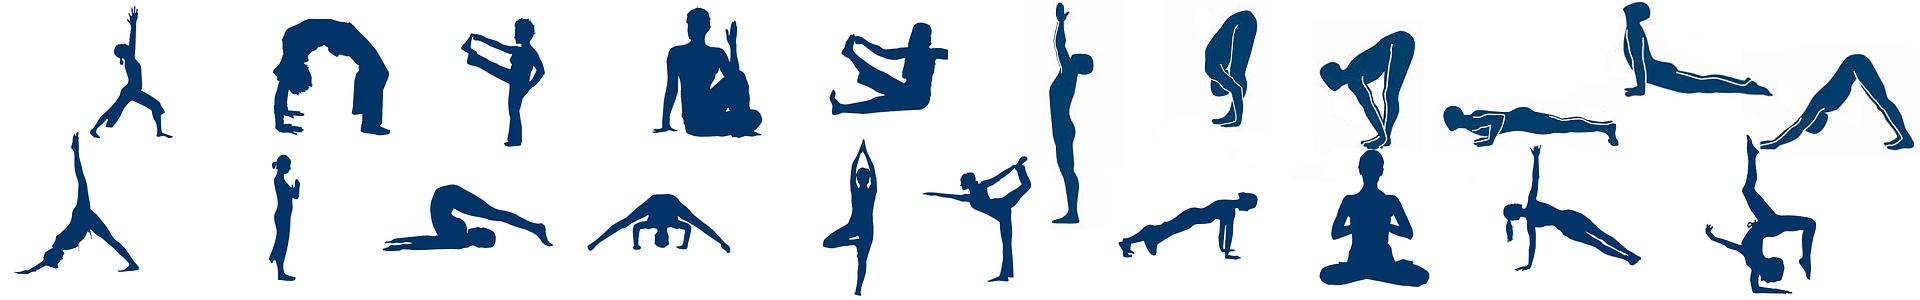 yogasuggestion